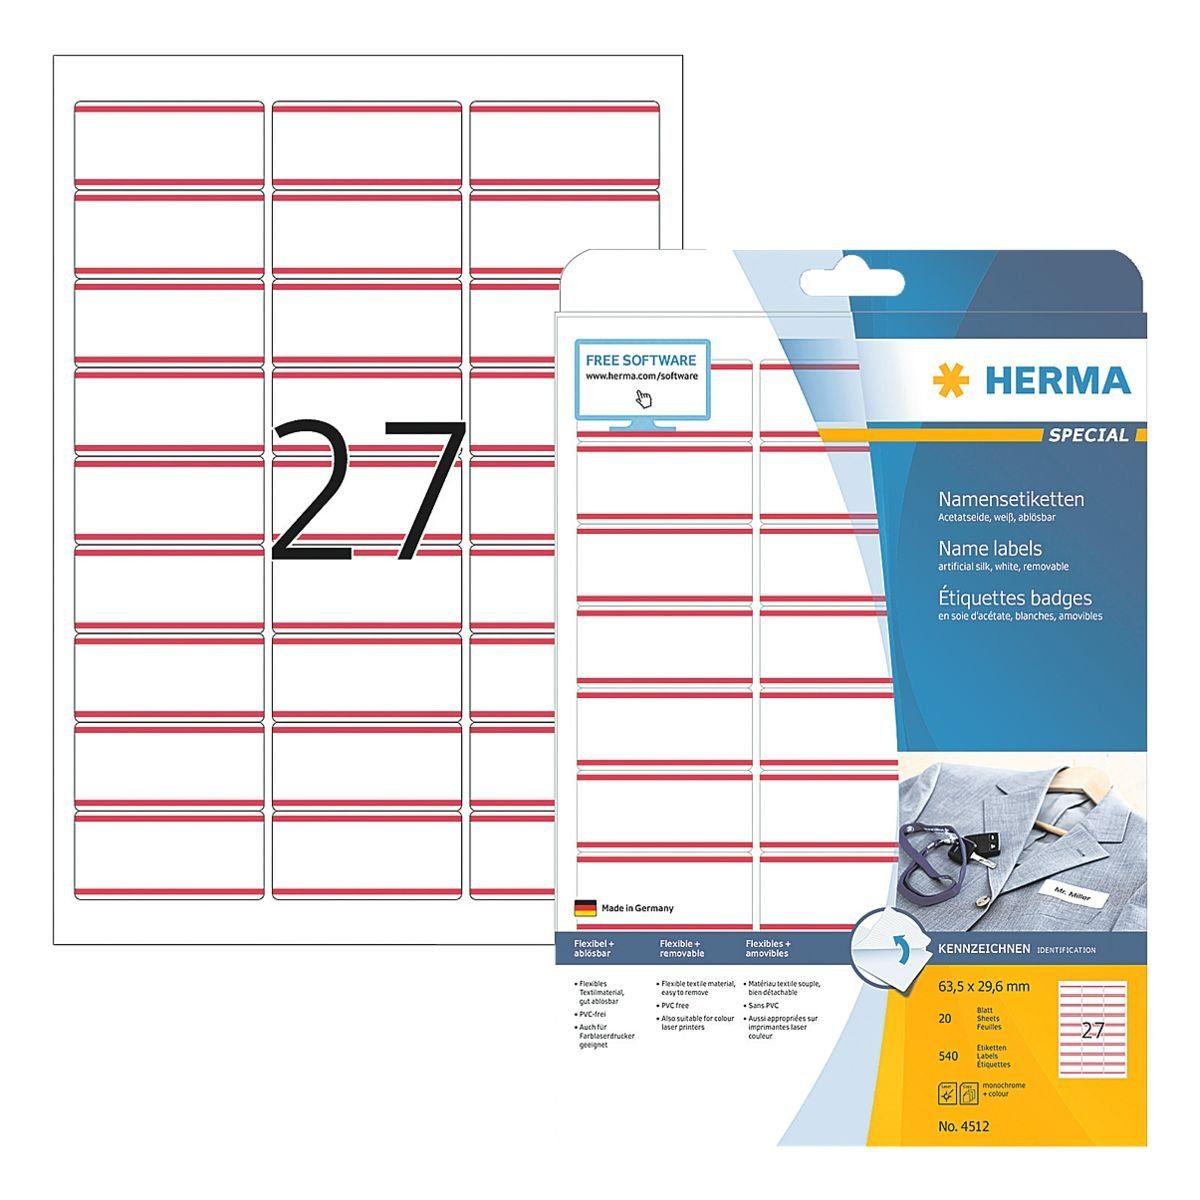 HERMA 540er-Pack Namens-/Textiletiketten »4512«